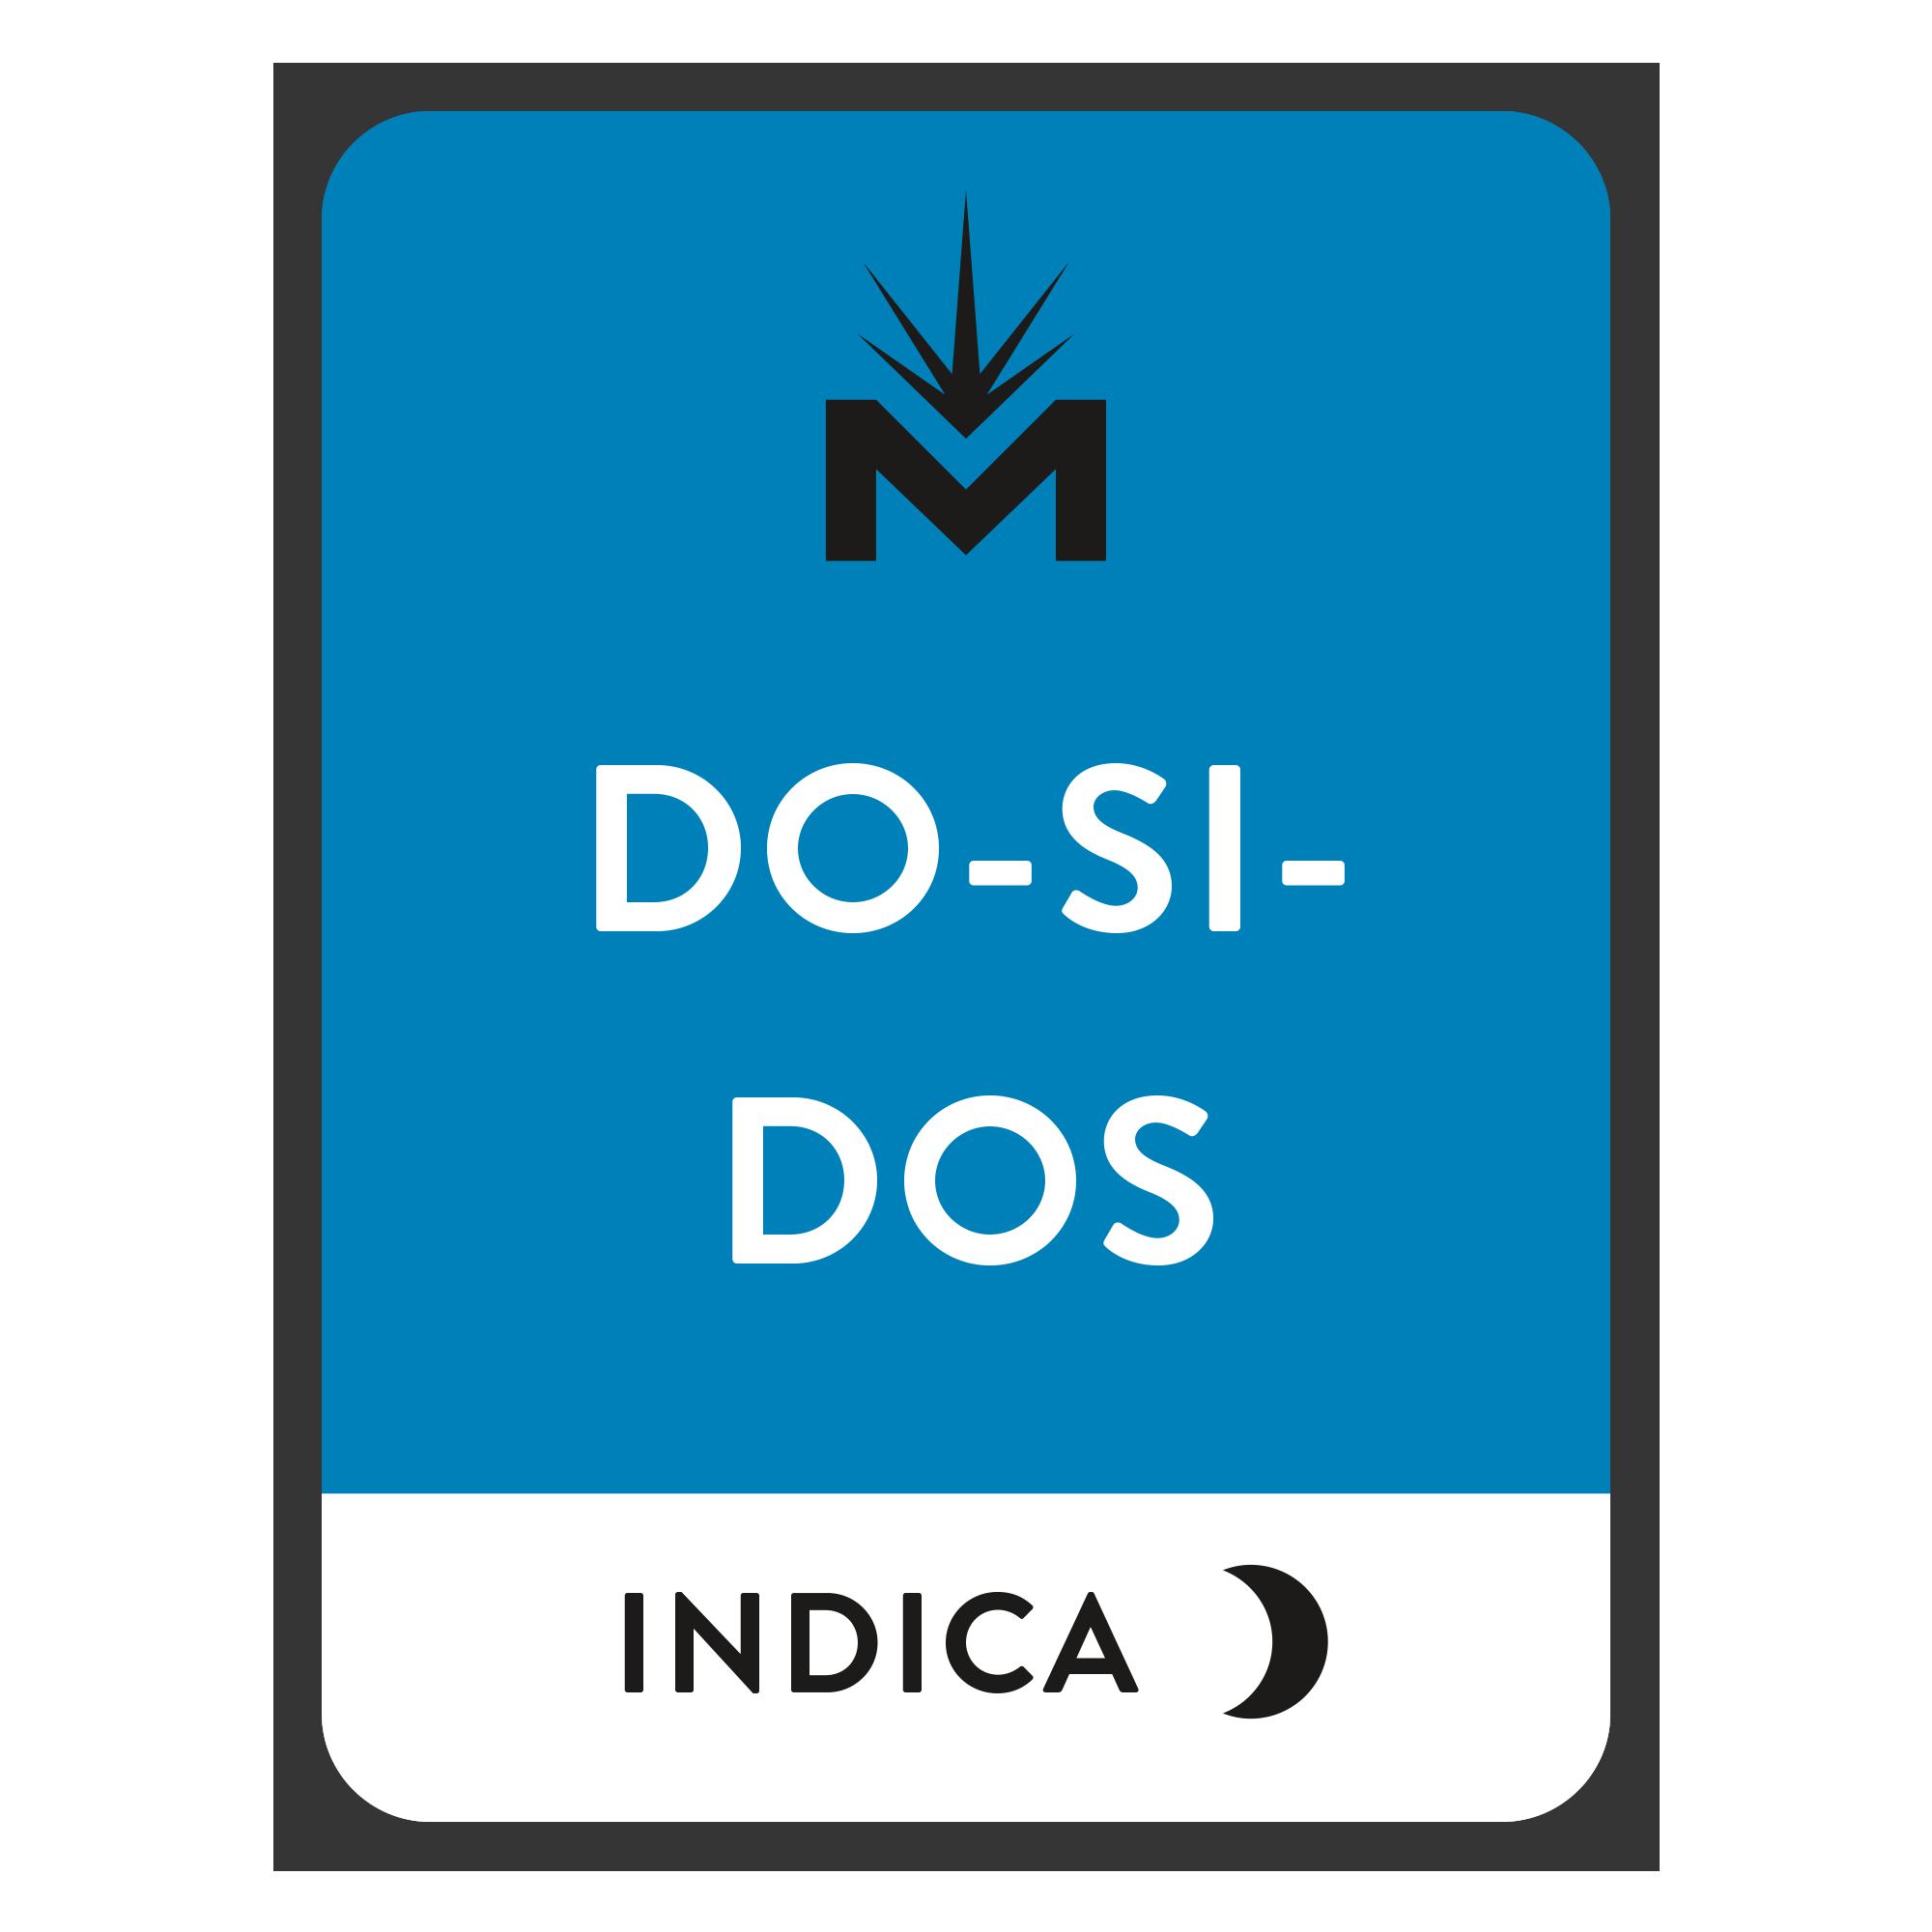 tile_dosidos